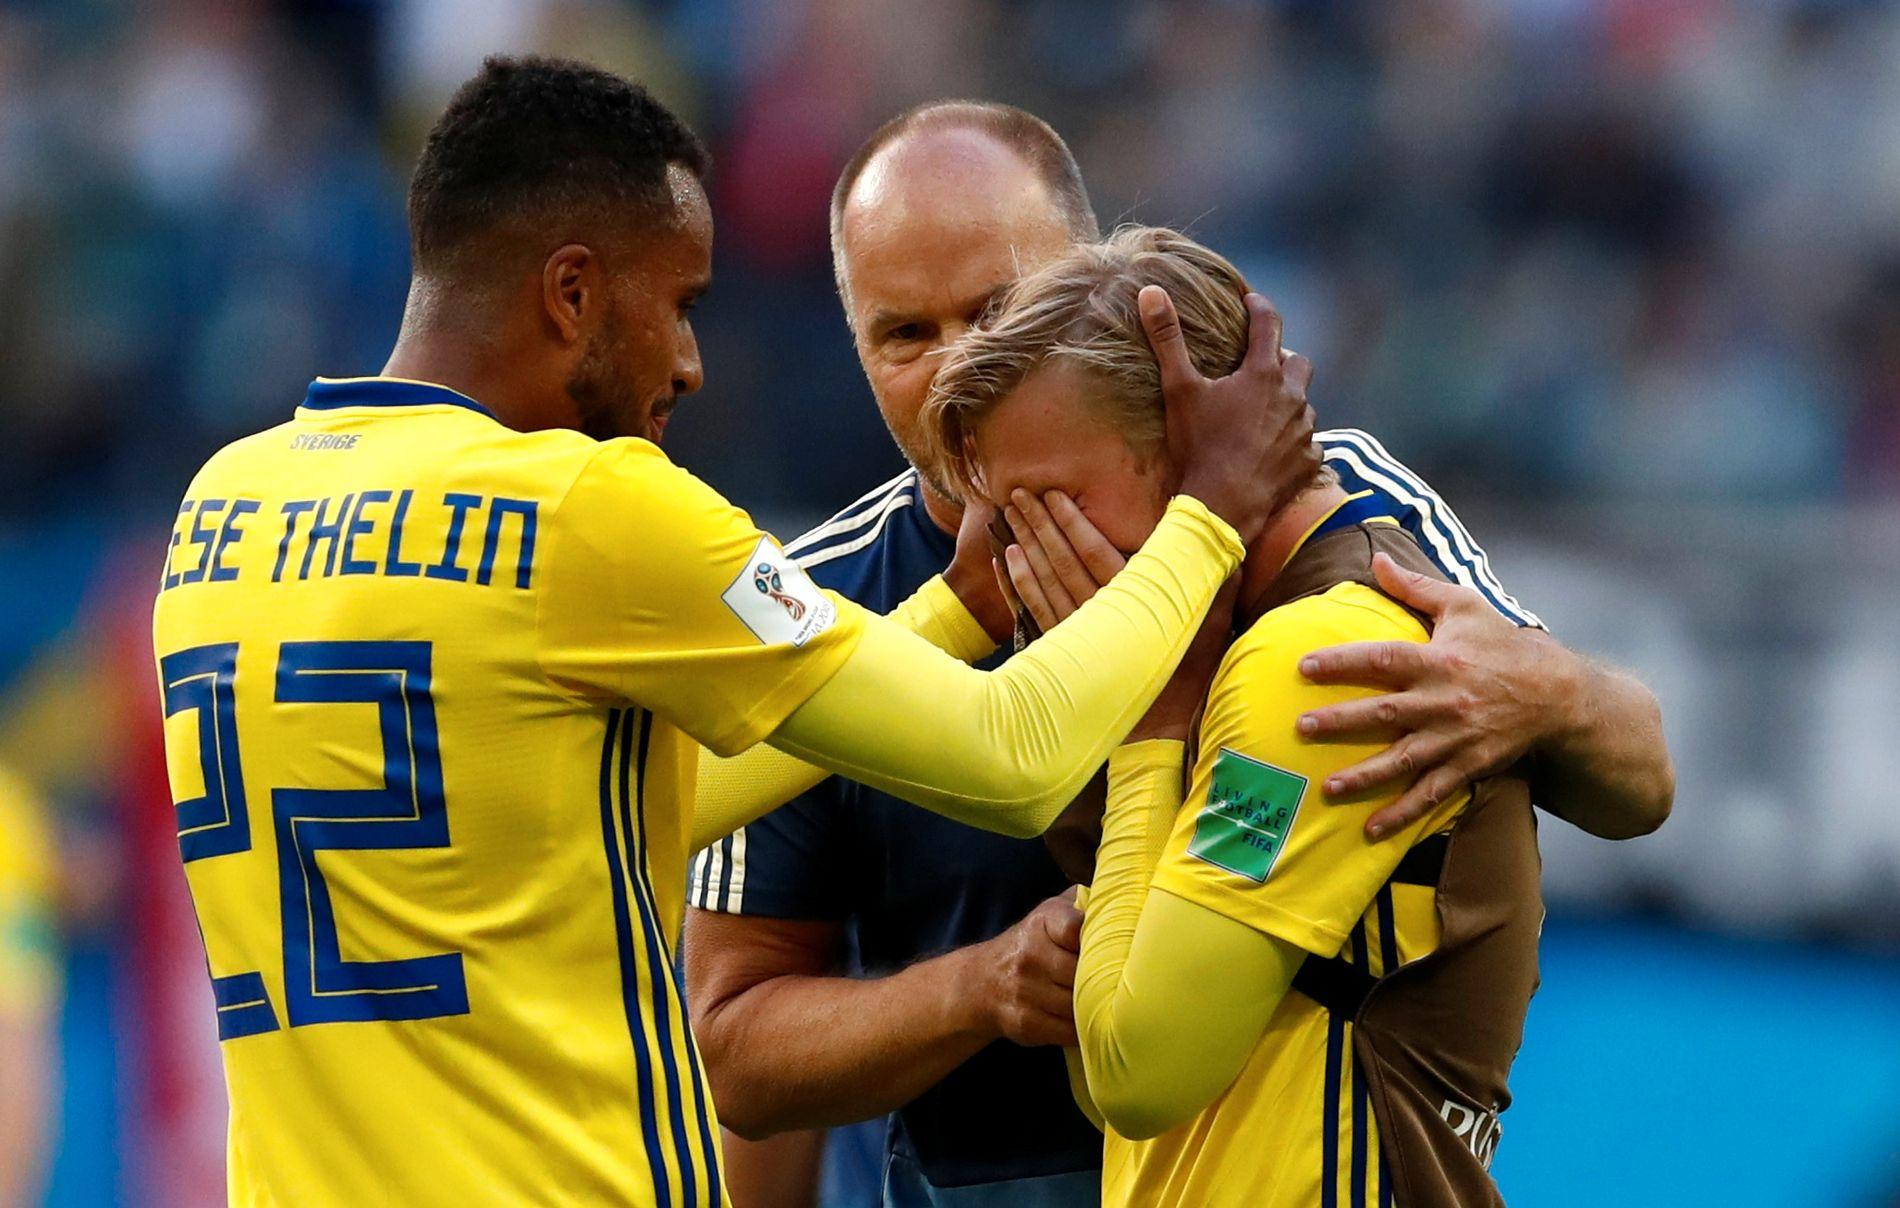 GRÅT AV GLEDE: Emil Forsberg gratuleres av lagkamerat Kiese Thelin etter å ha blitt matchvinner mot Sveits.